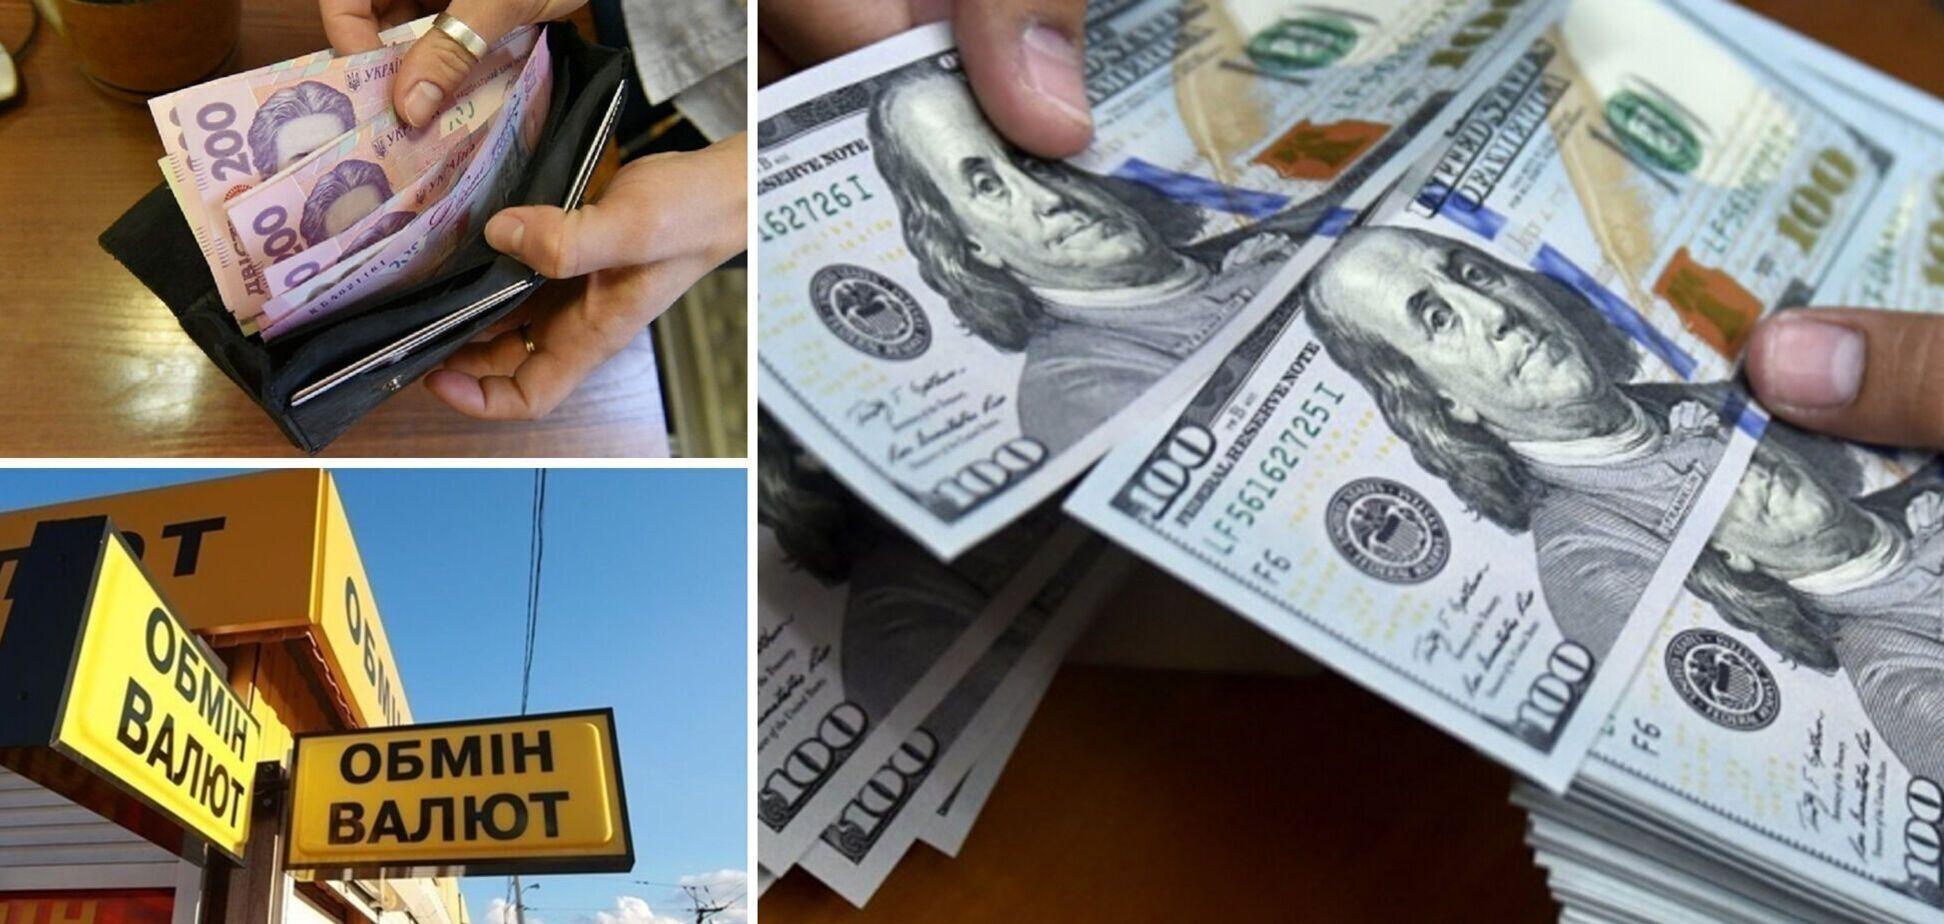 Курс доллара в Украине упал до минимальной отметки за год